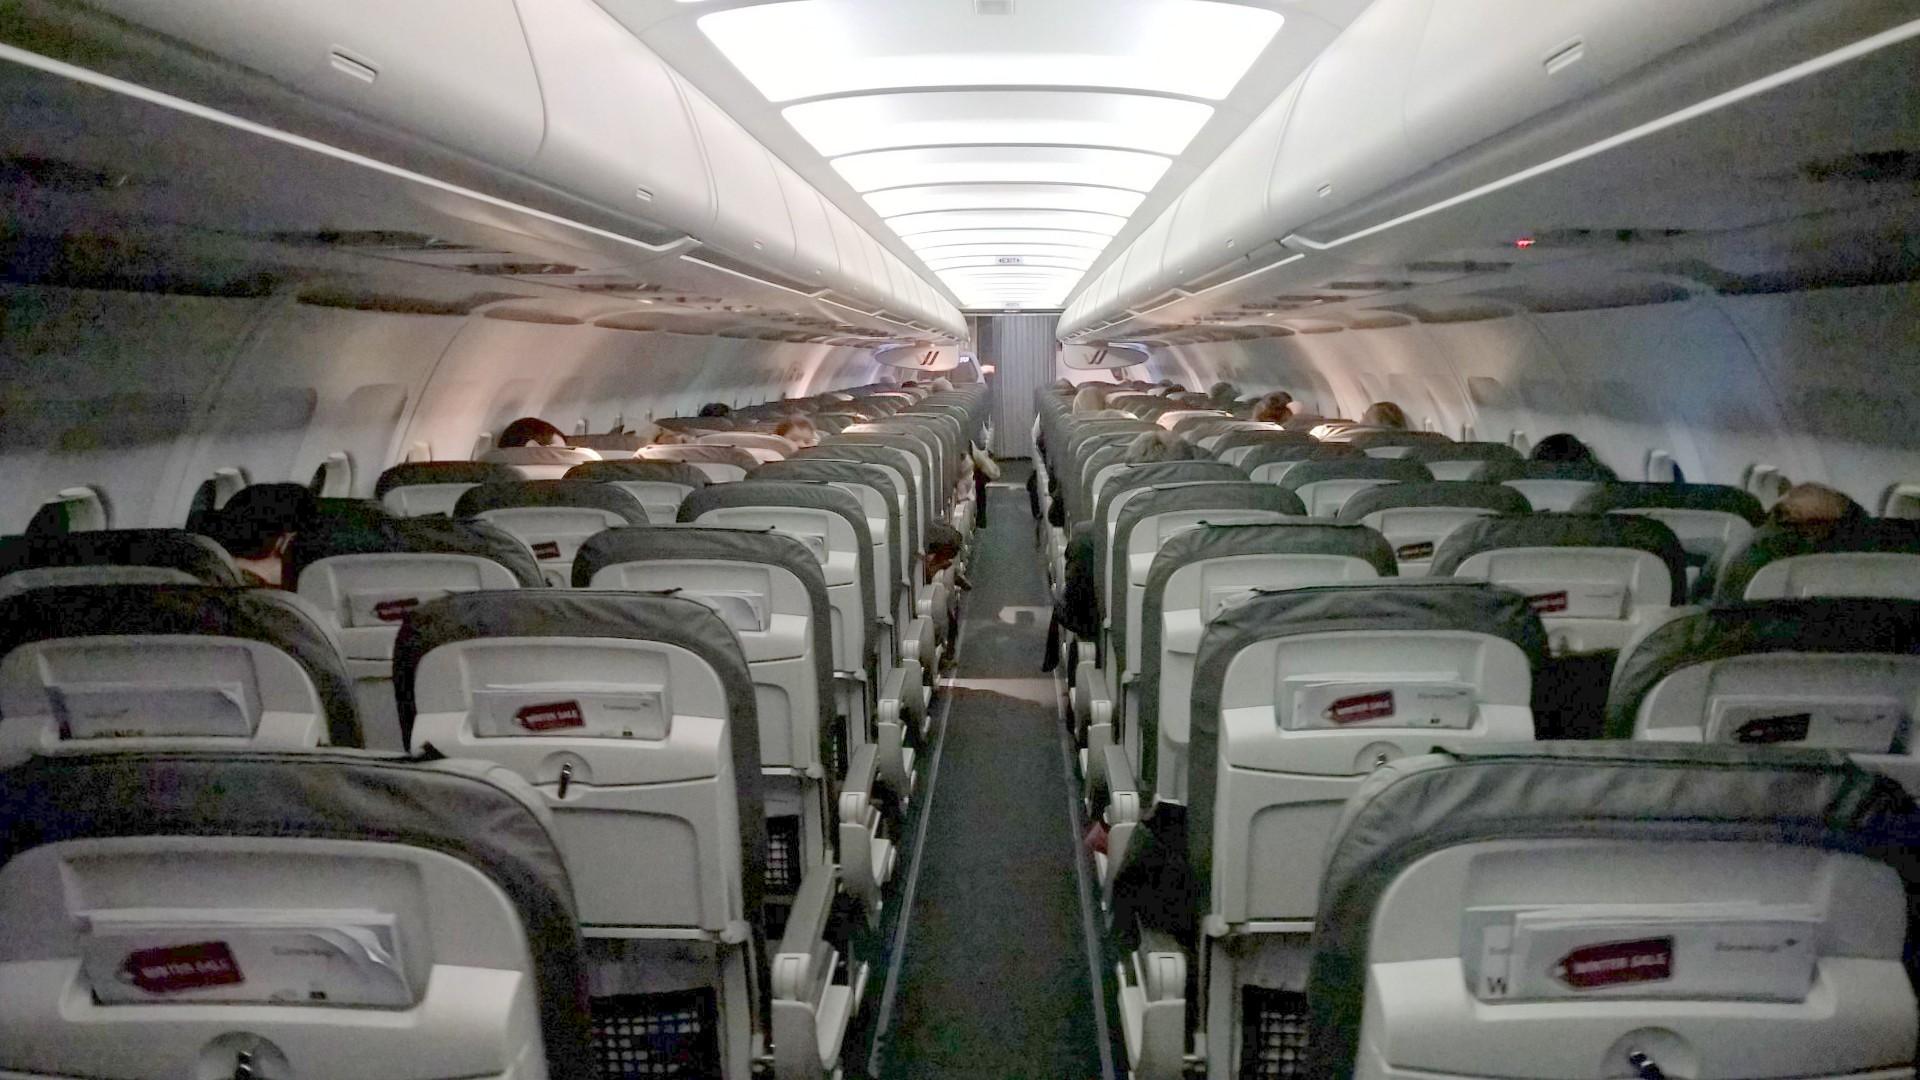 Eurowings A319